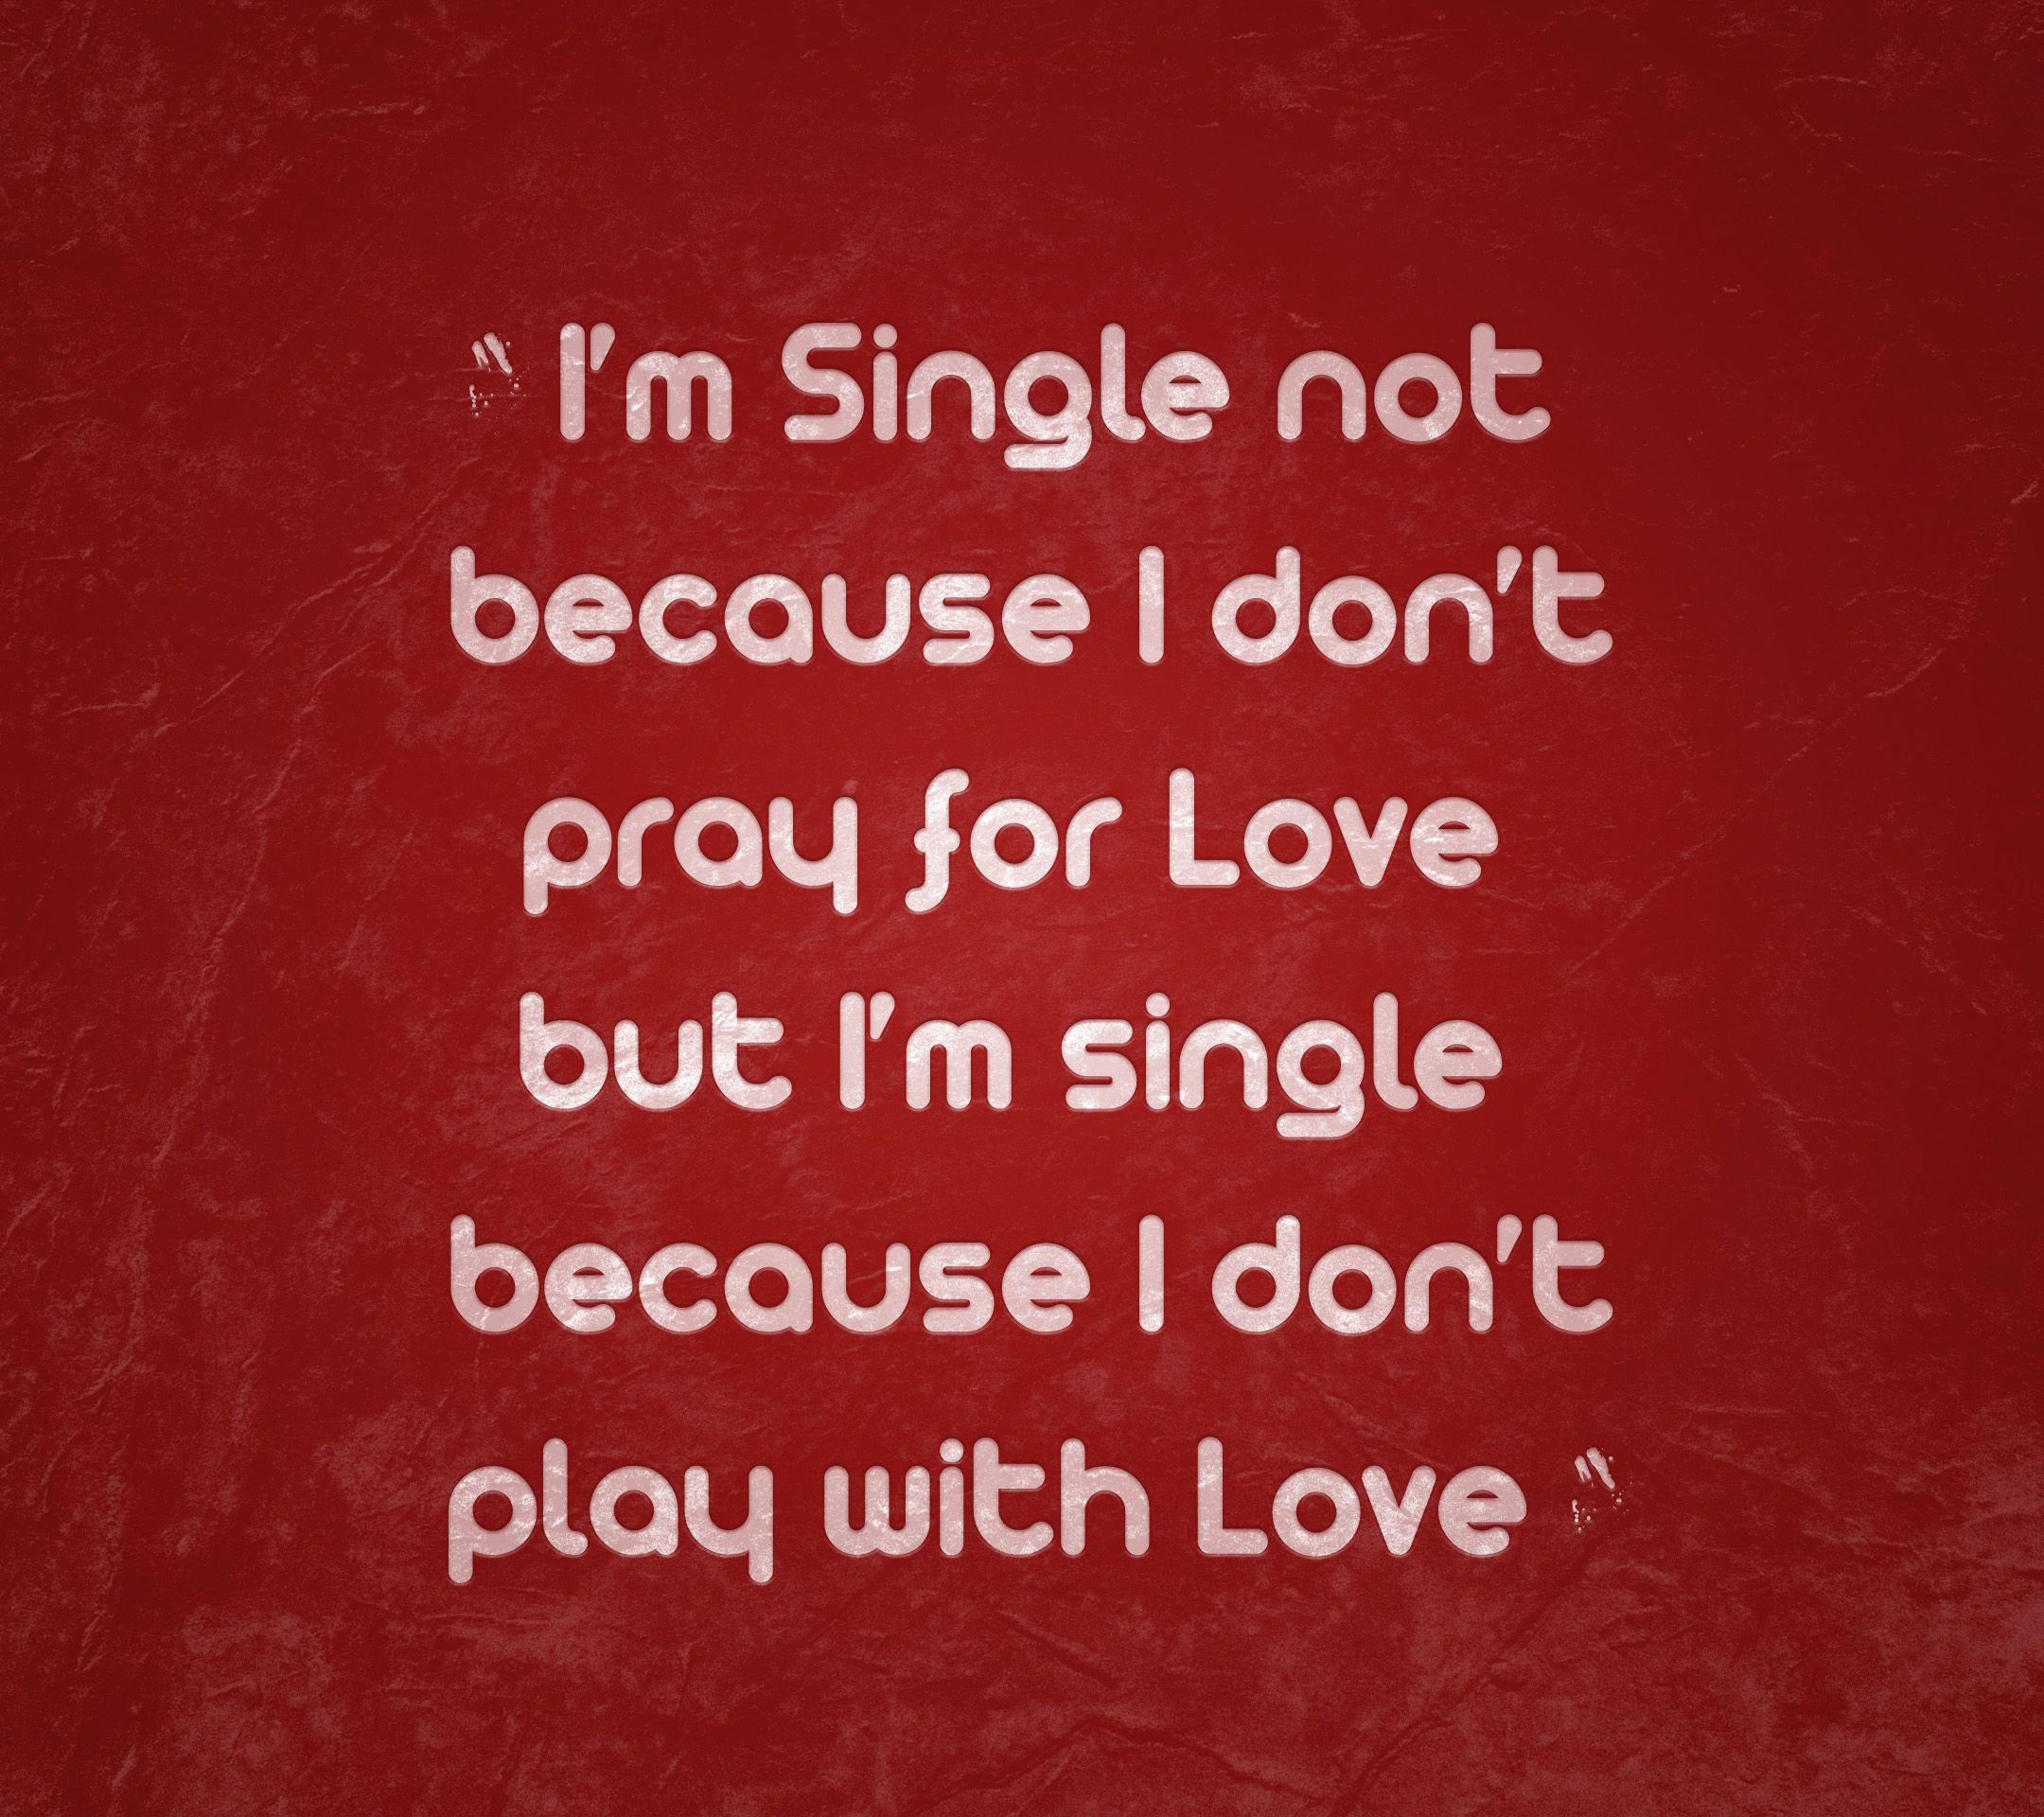 Am pics i single Alone Angels: